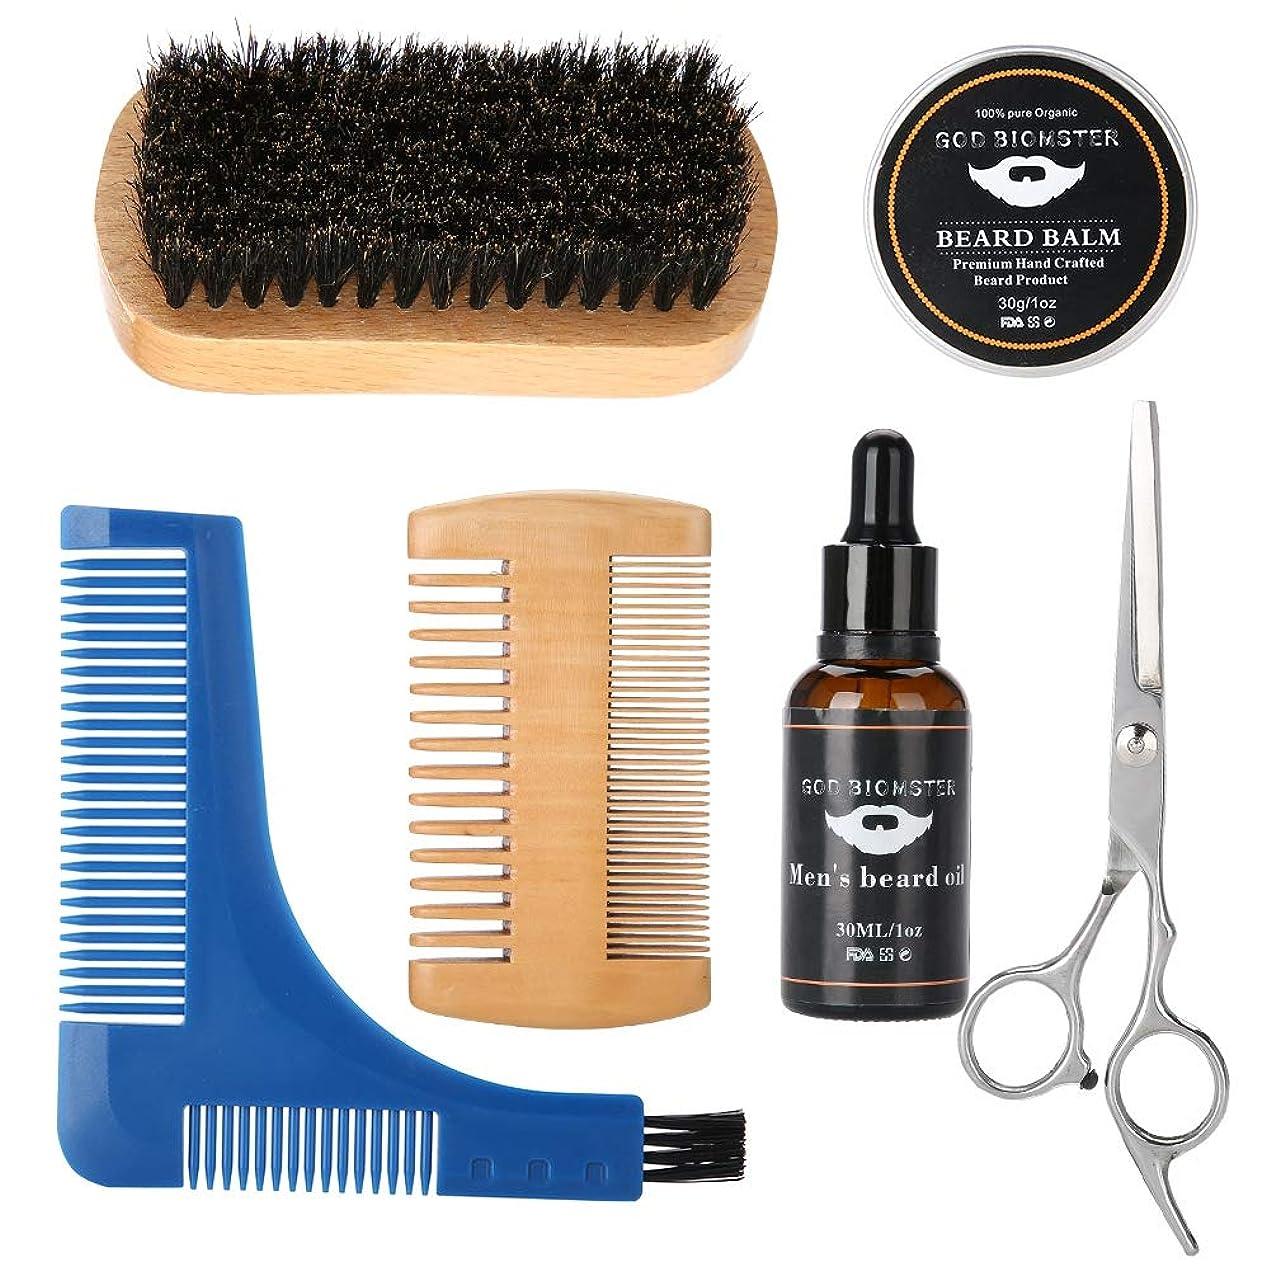 美的代わりにを立てるグラディス男性のひげセット、木材製+クリスタル素材ポータブルブラシひげシェービングクリーニングツール用男性ひげ剃り